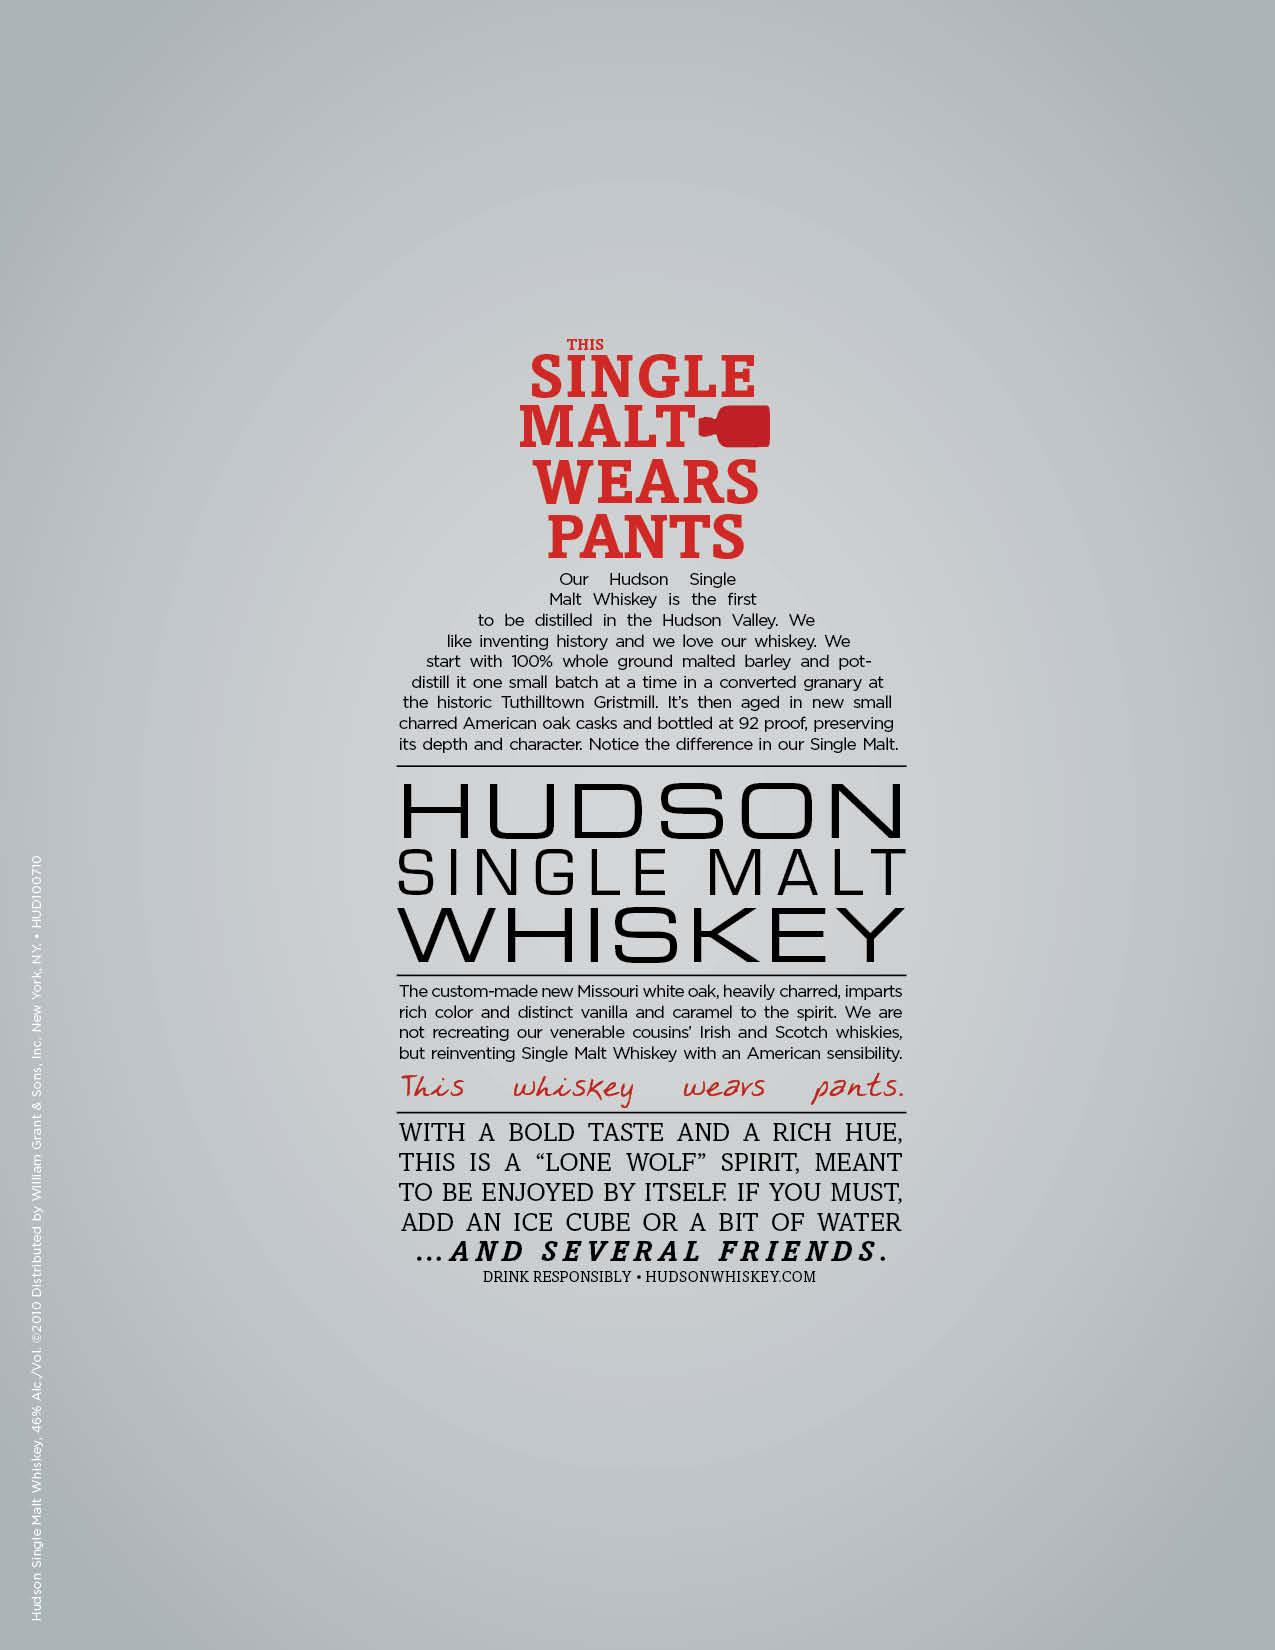 hudson-bottleicon-ads4.jpg